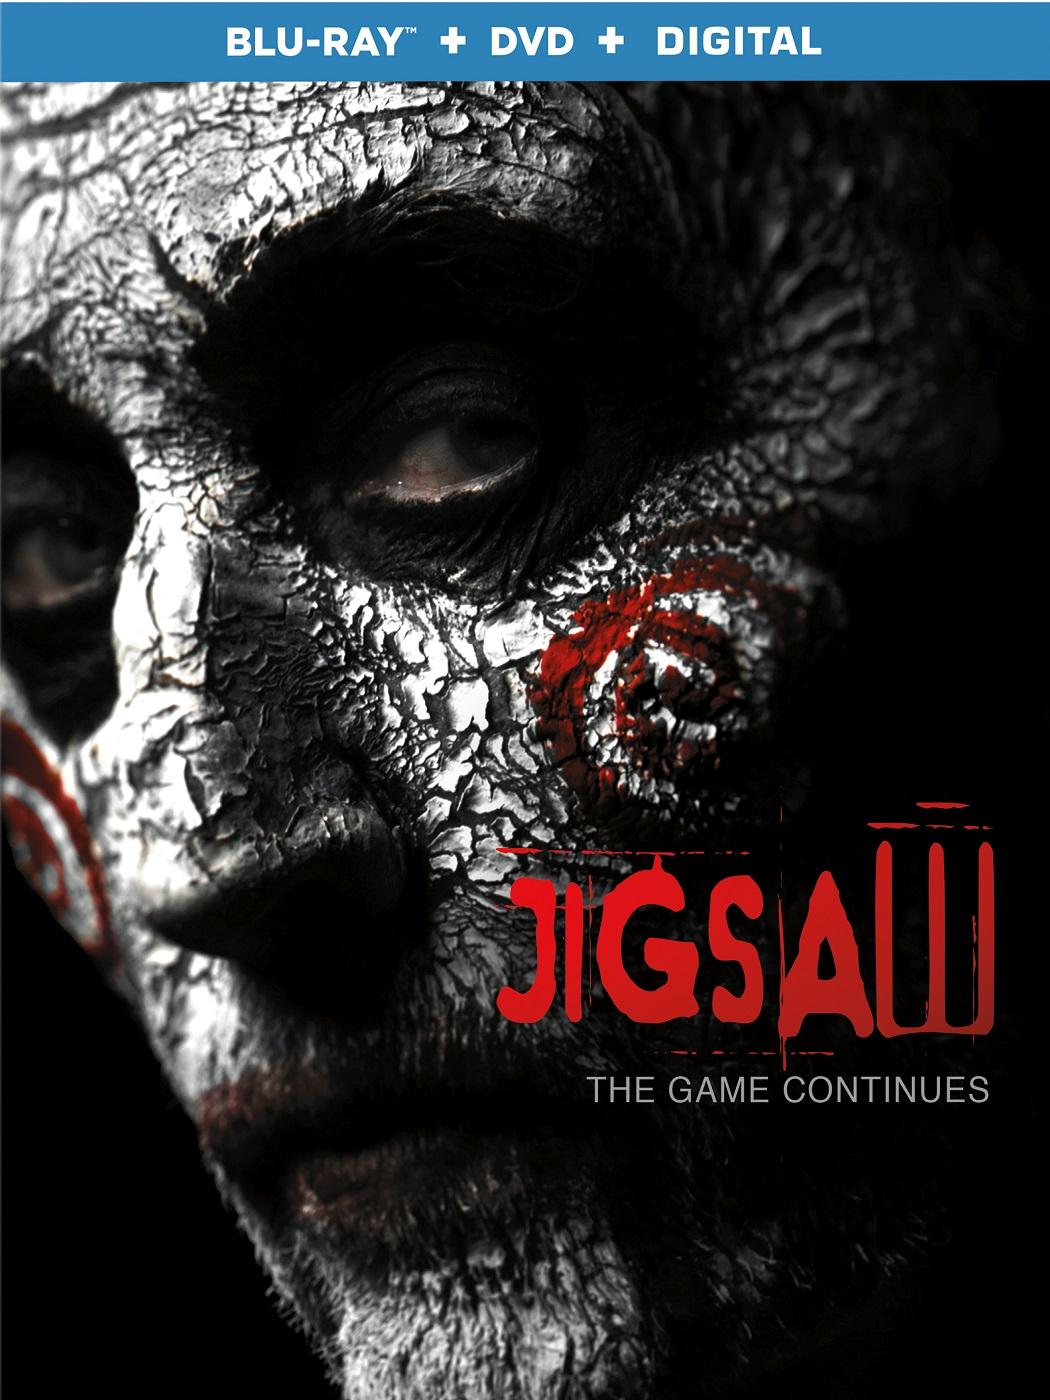 Jigsaw El Juego Continua 1080p BD25 LATINO